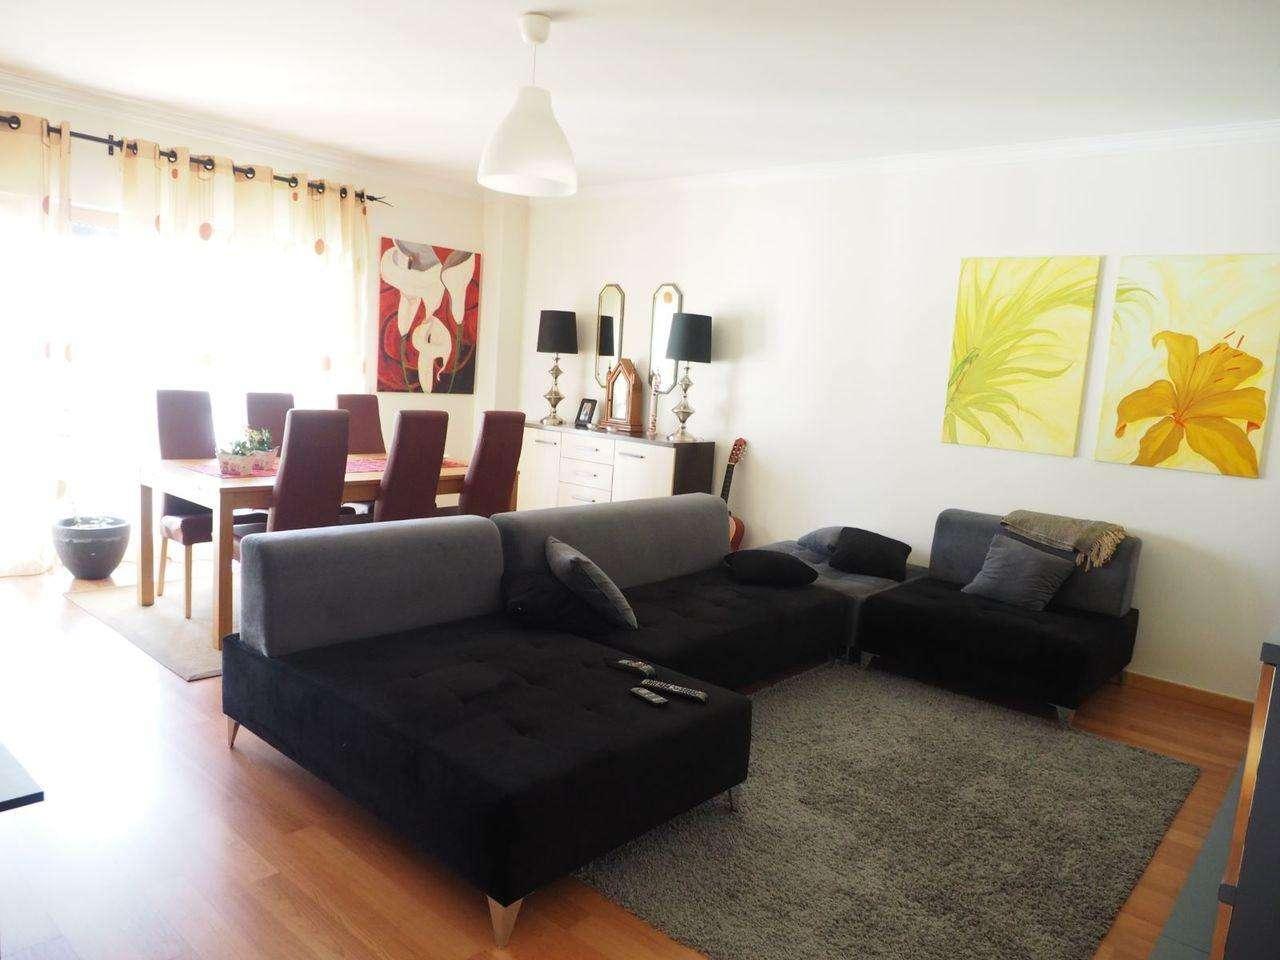 Apartamento para comprar, Santa Iria de Azoia, São João da Talha e Bobadela, Loures, Lisboa - Foto 1